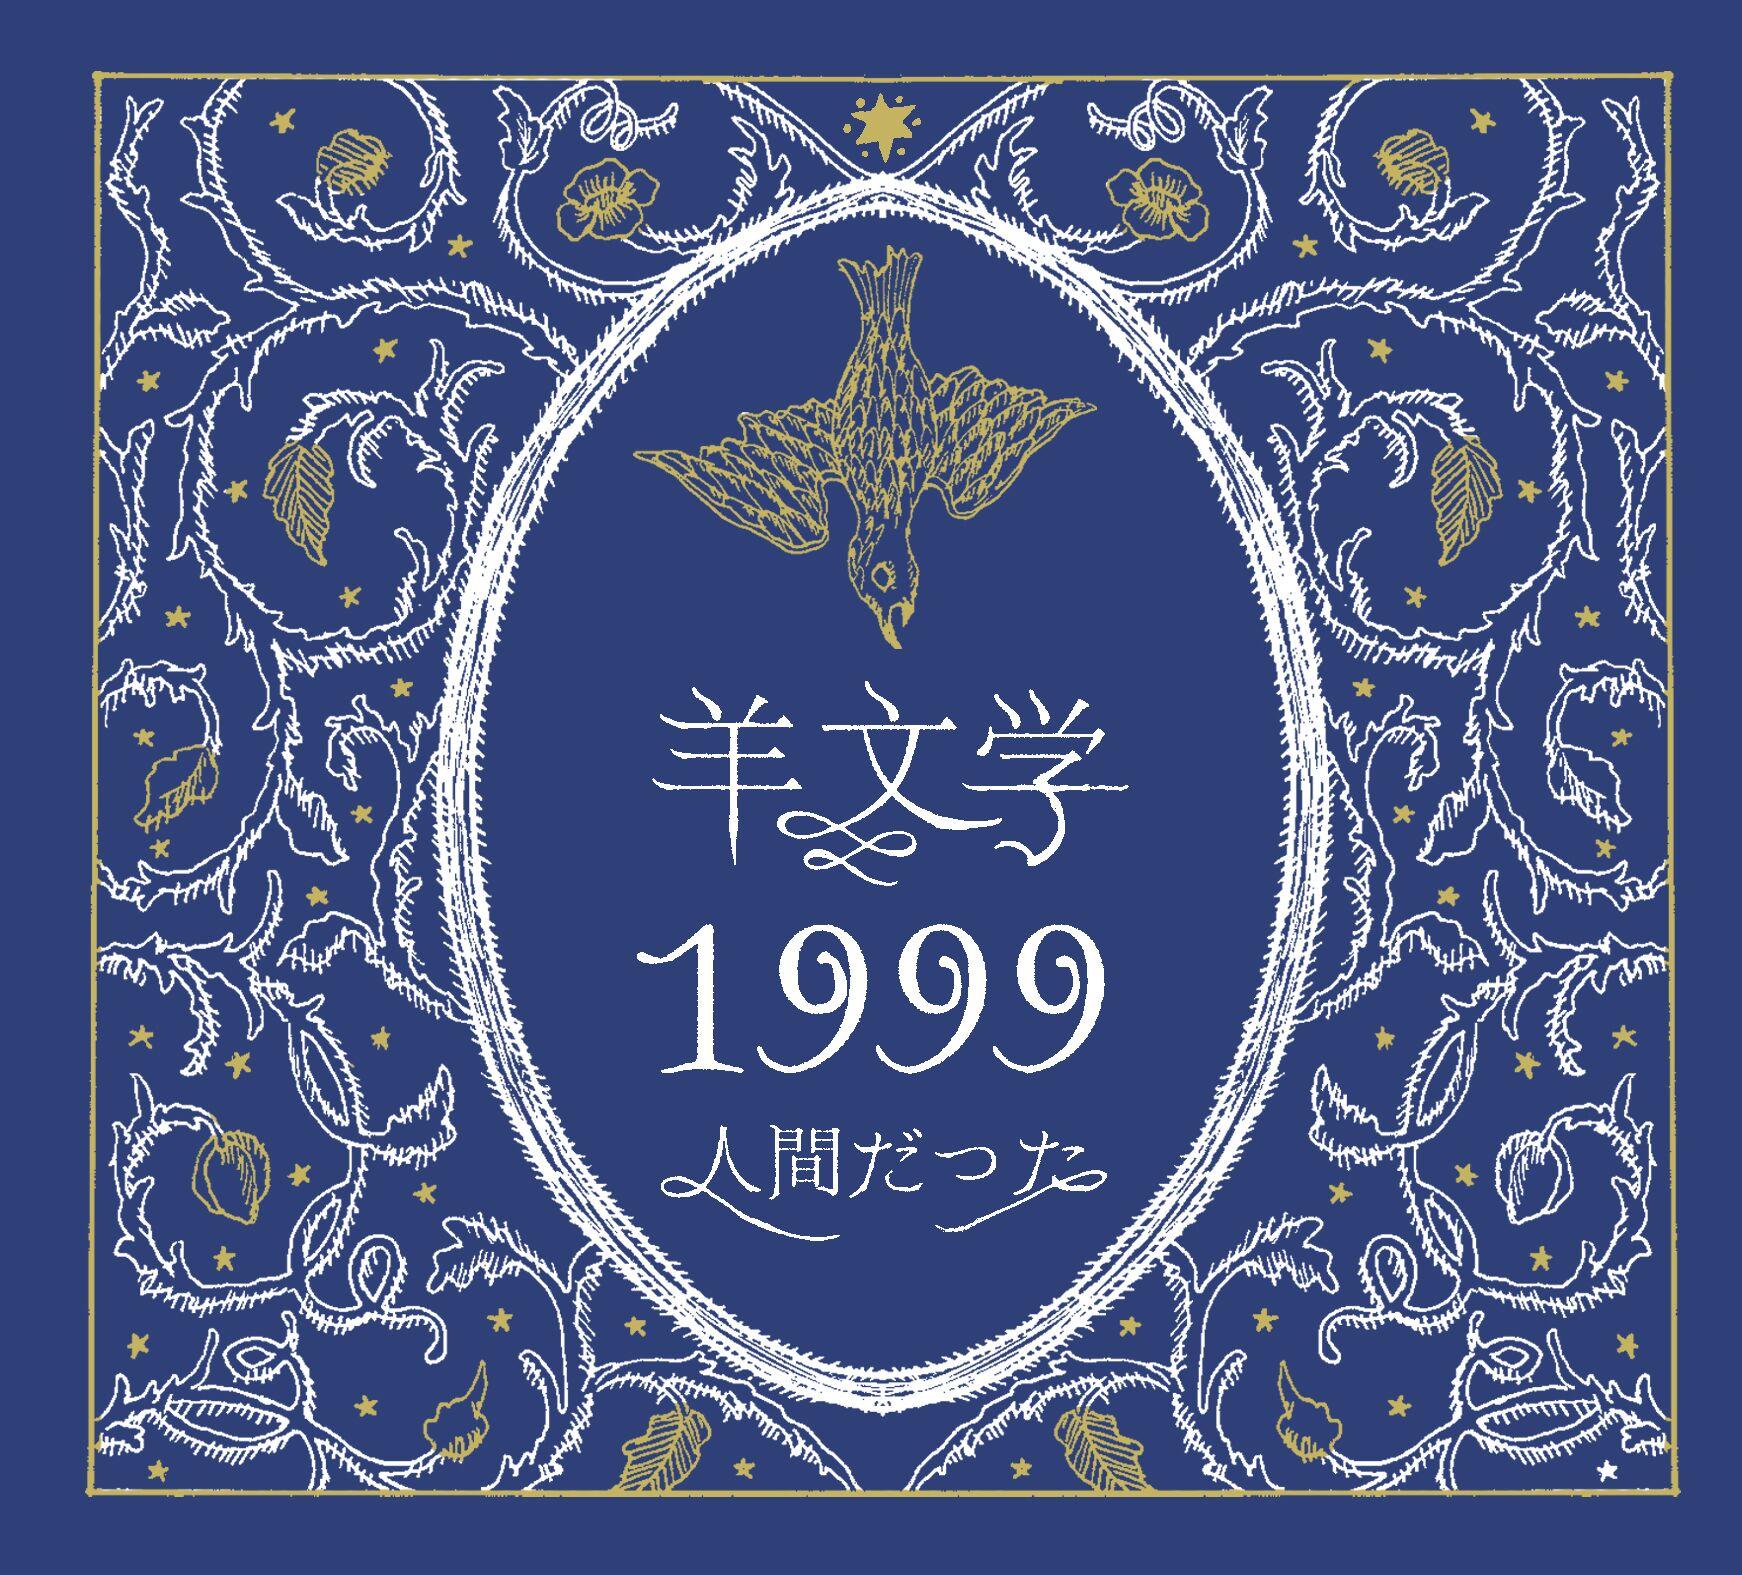 - 1999 / 人間だった